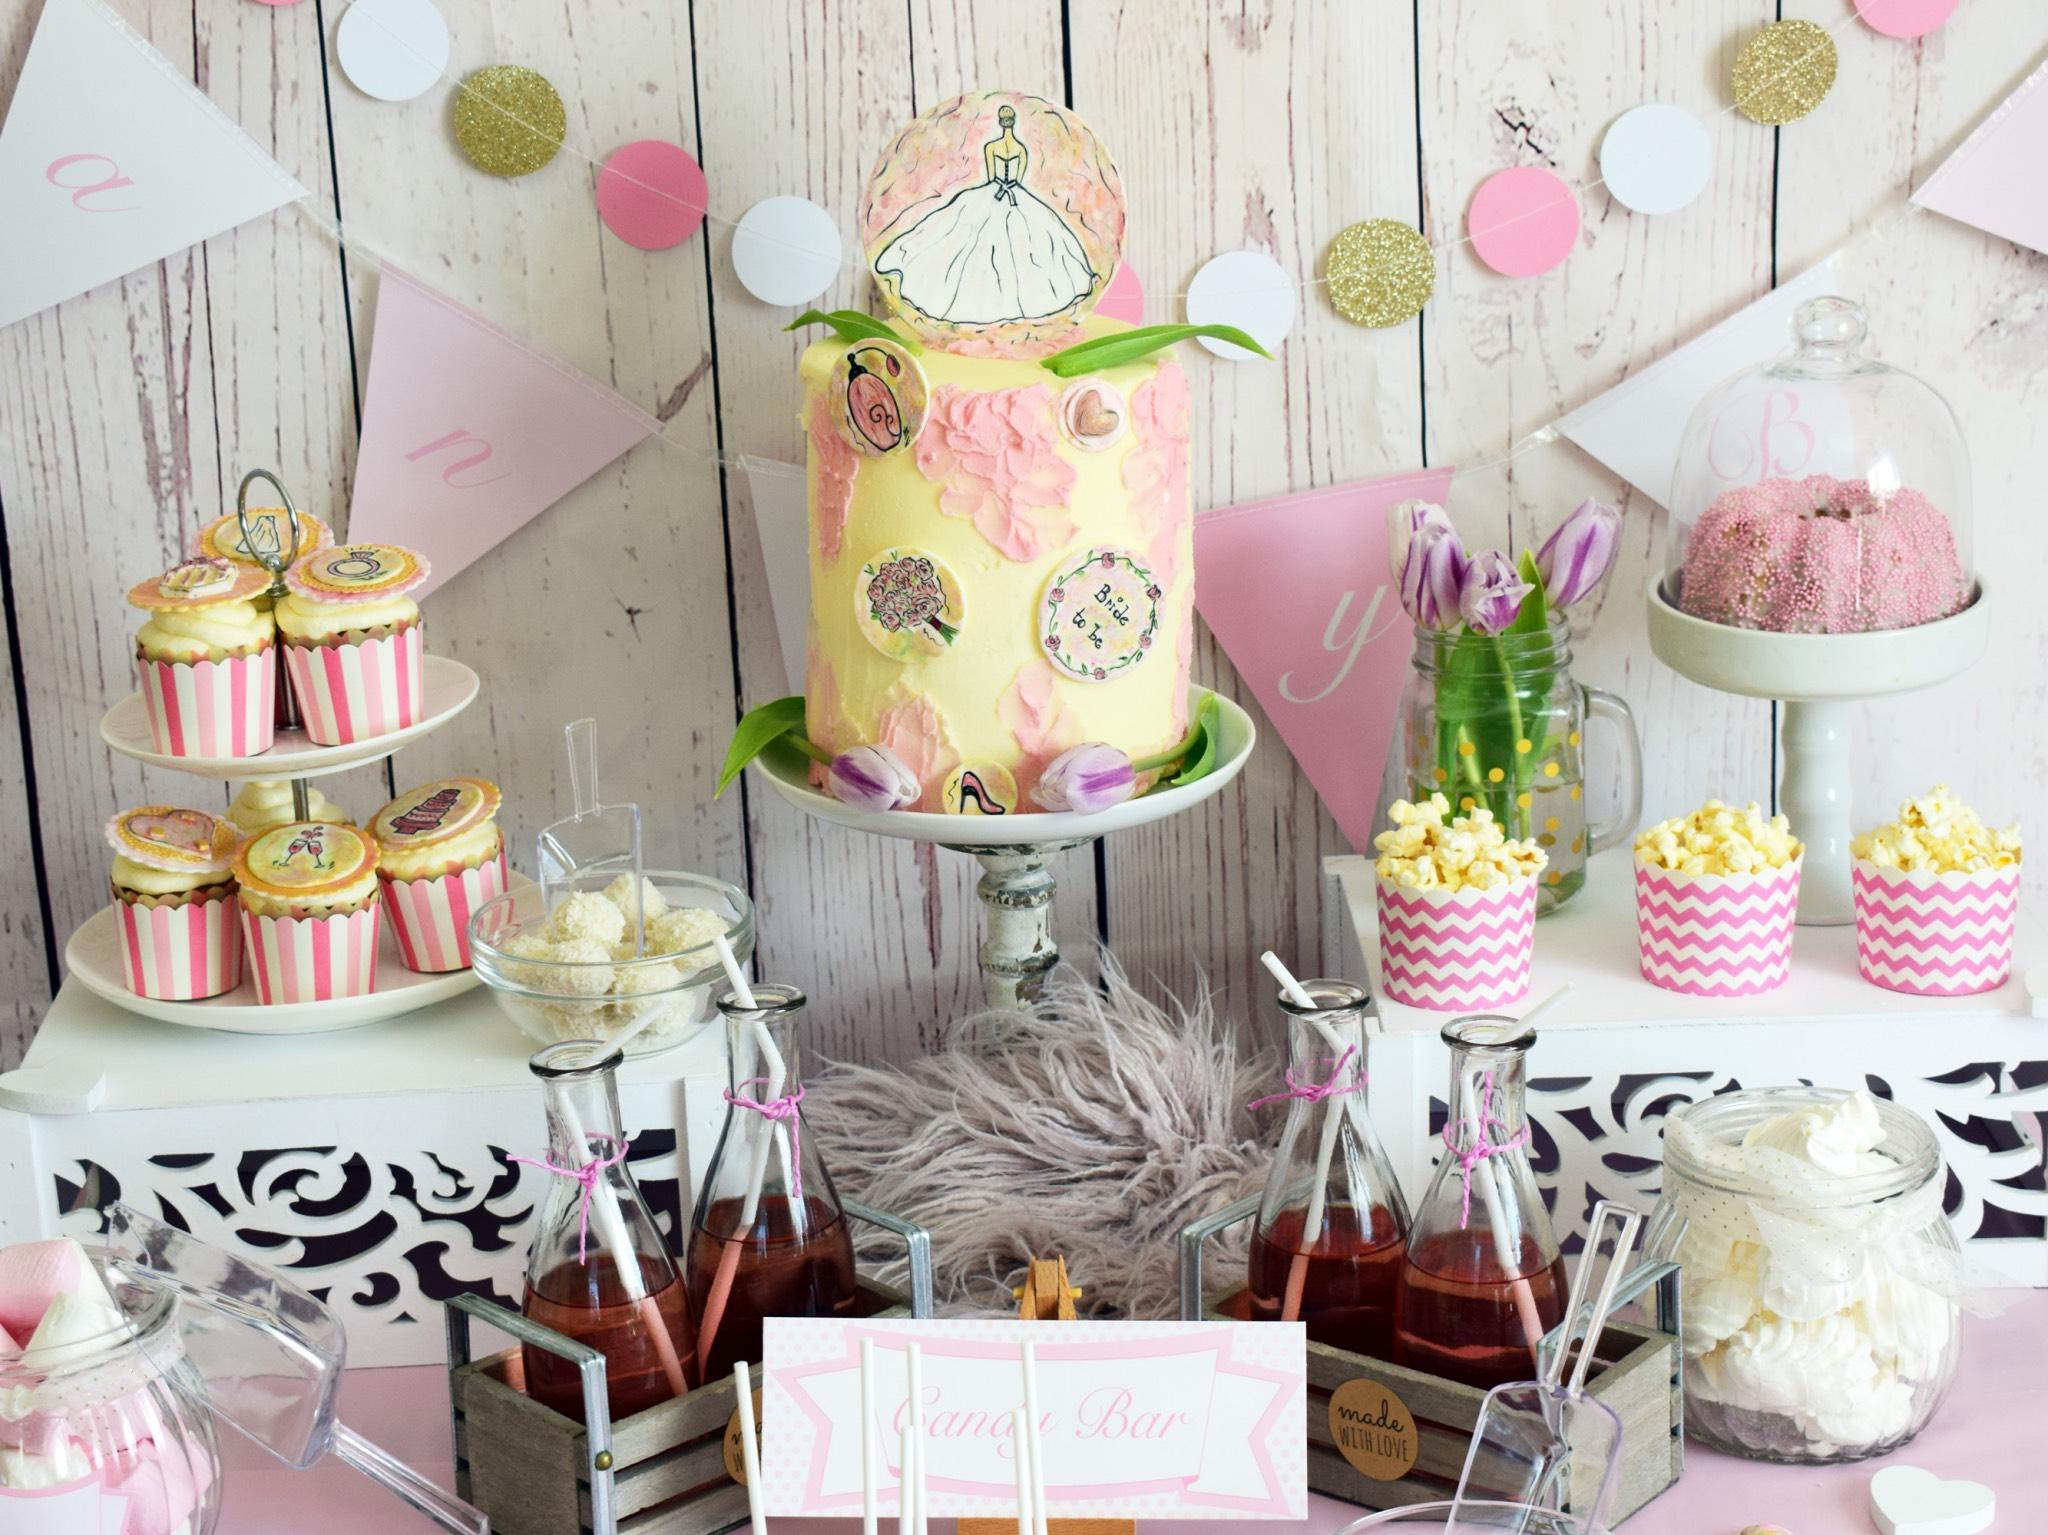 Aufwendig gestaltet sie auch Candybars. Foto: Anita Heilmann